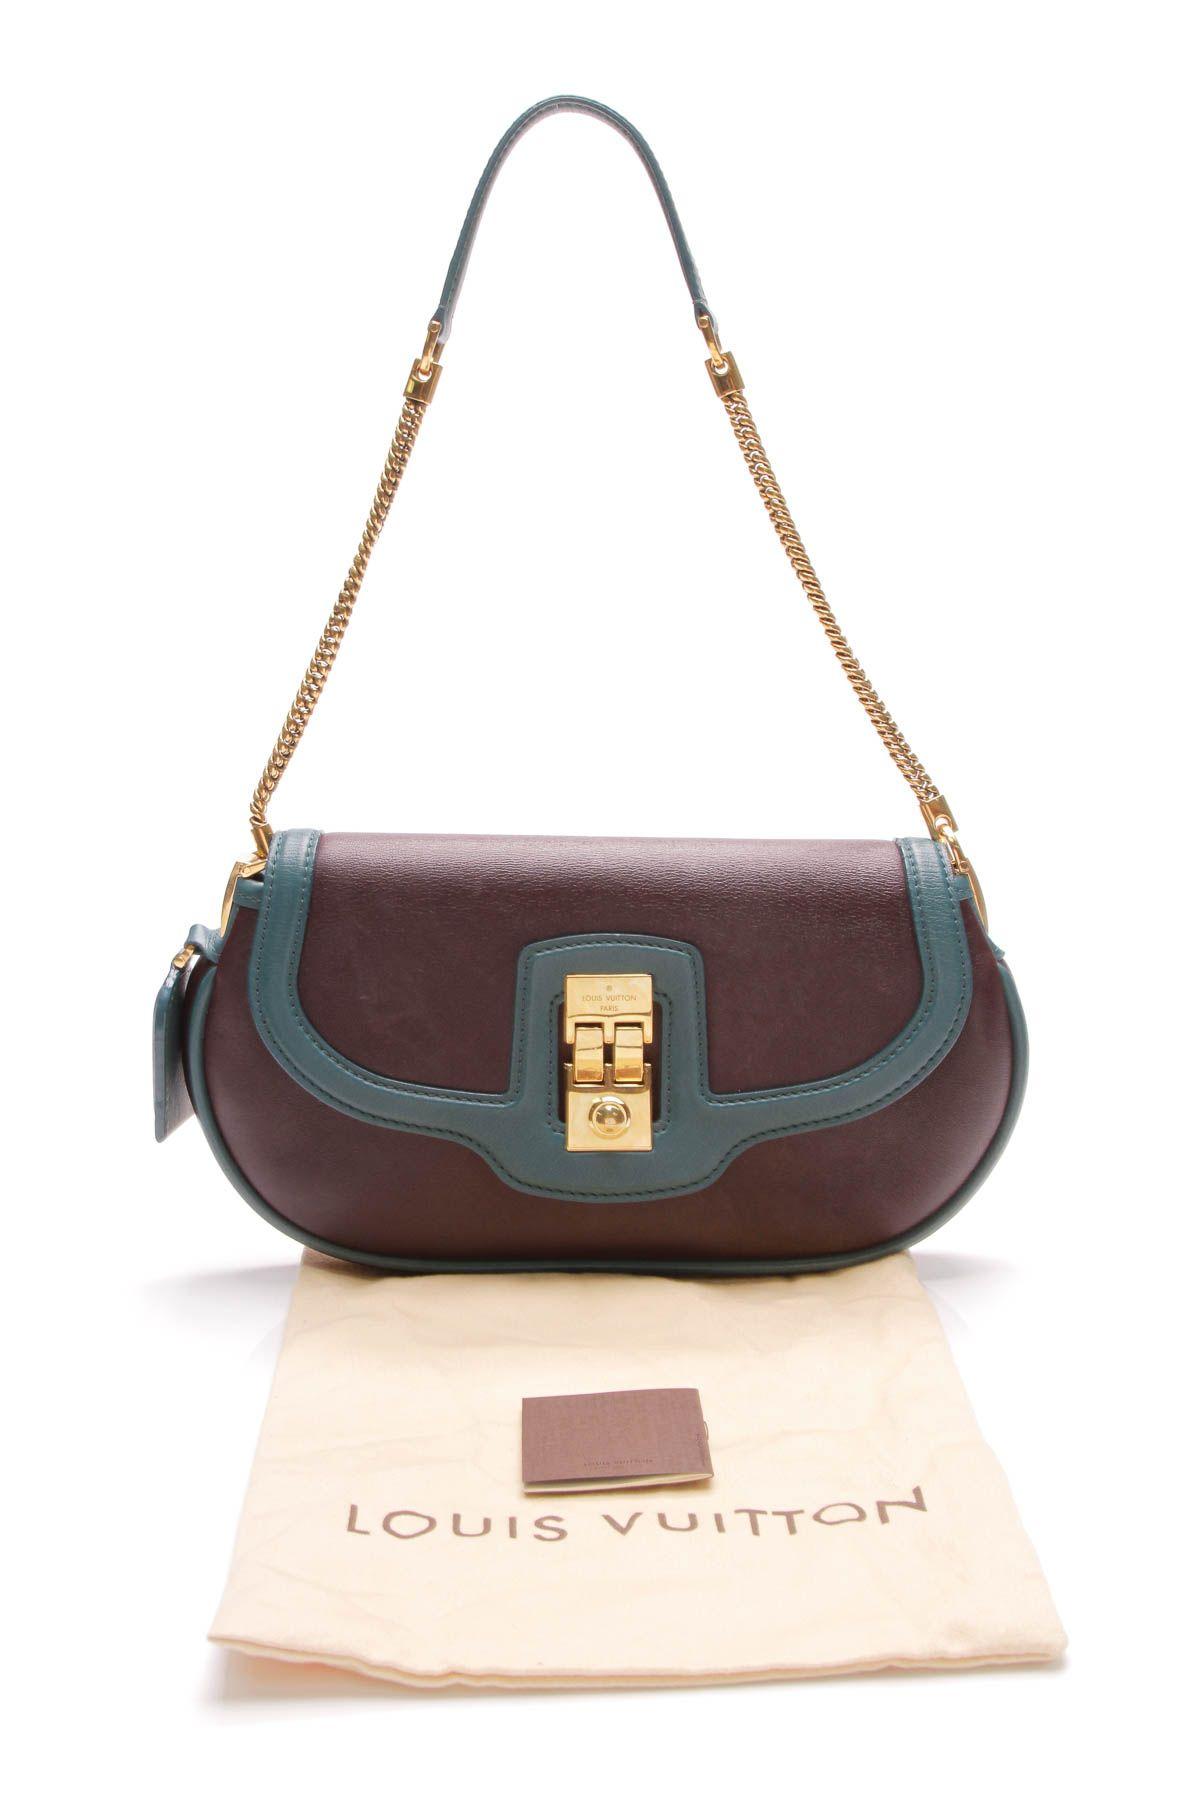 3f0e55f06214 Check out the color combo on this Louis Vuitton Art Deco Baguette bag . . .   louisvuitton  lv  louisvuittonbag  louisvuittonpurse  colorfulpurse ...